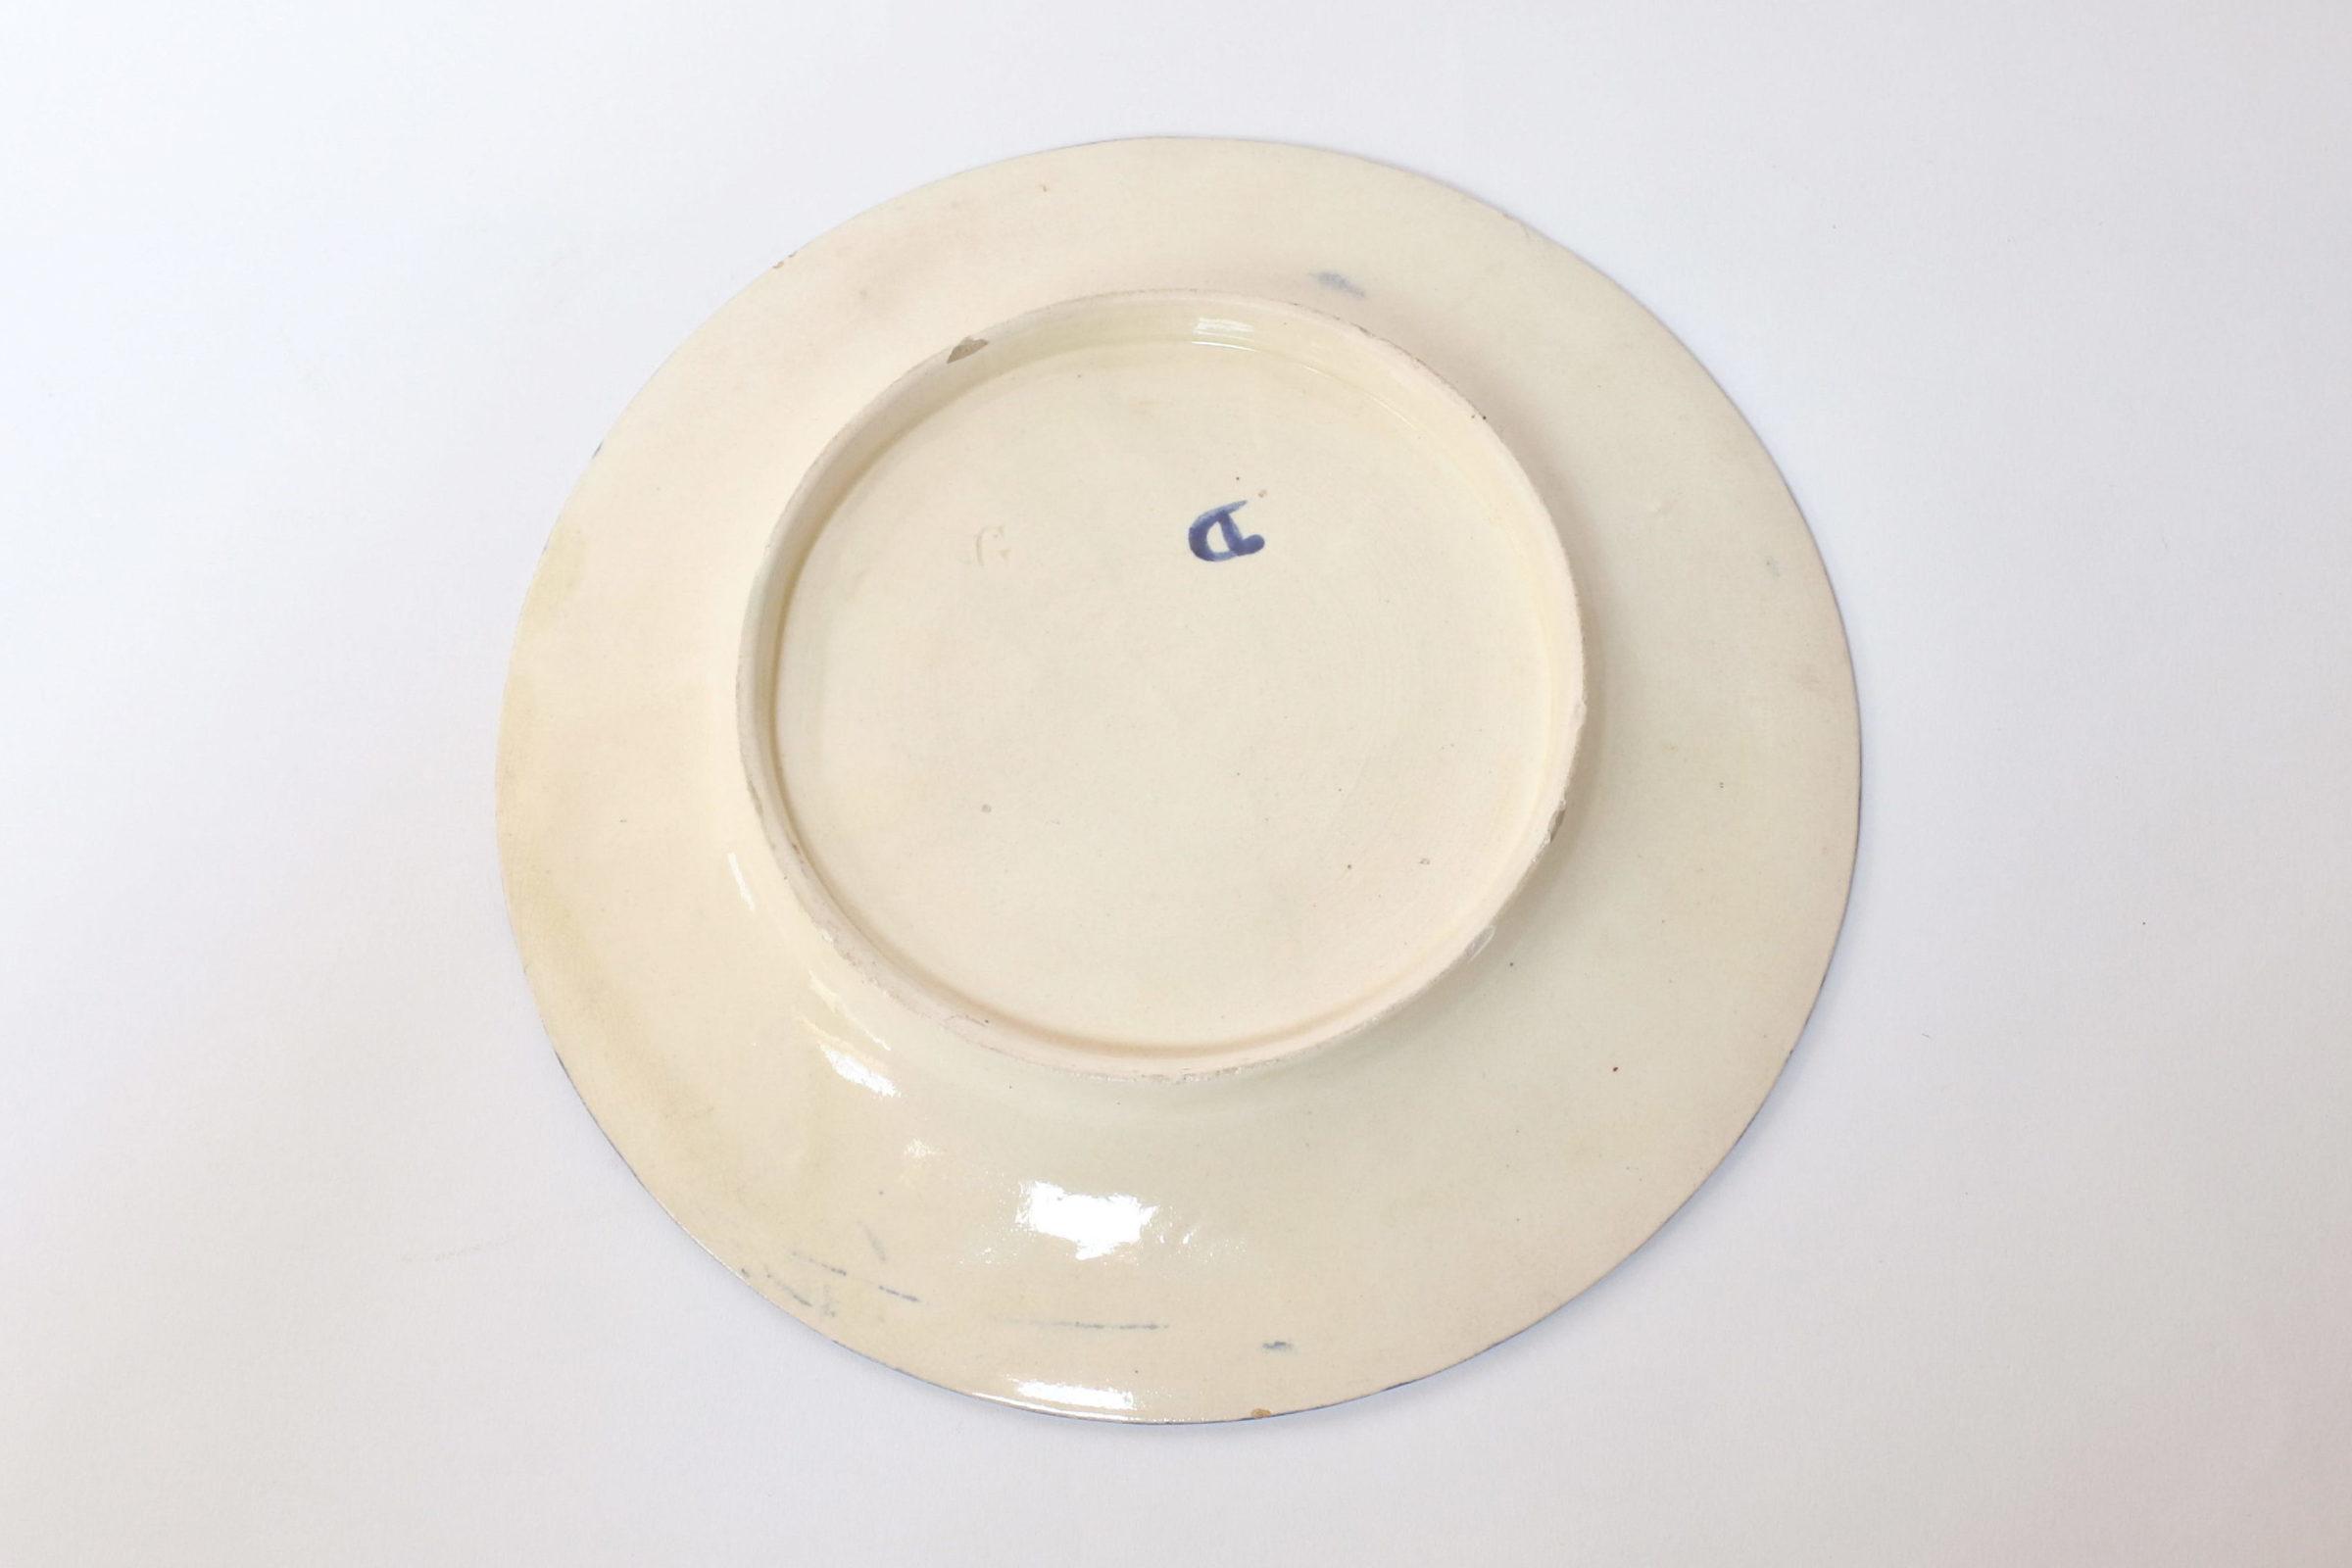 Piatto in ceramica barbotine per asparagi con girasole - 2